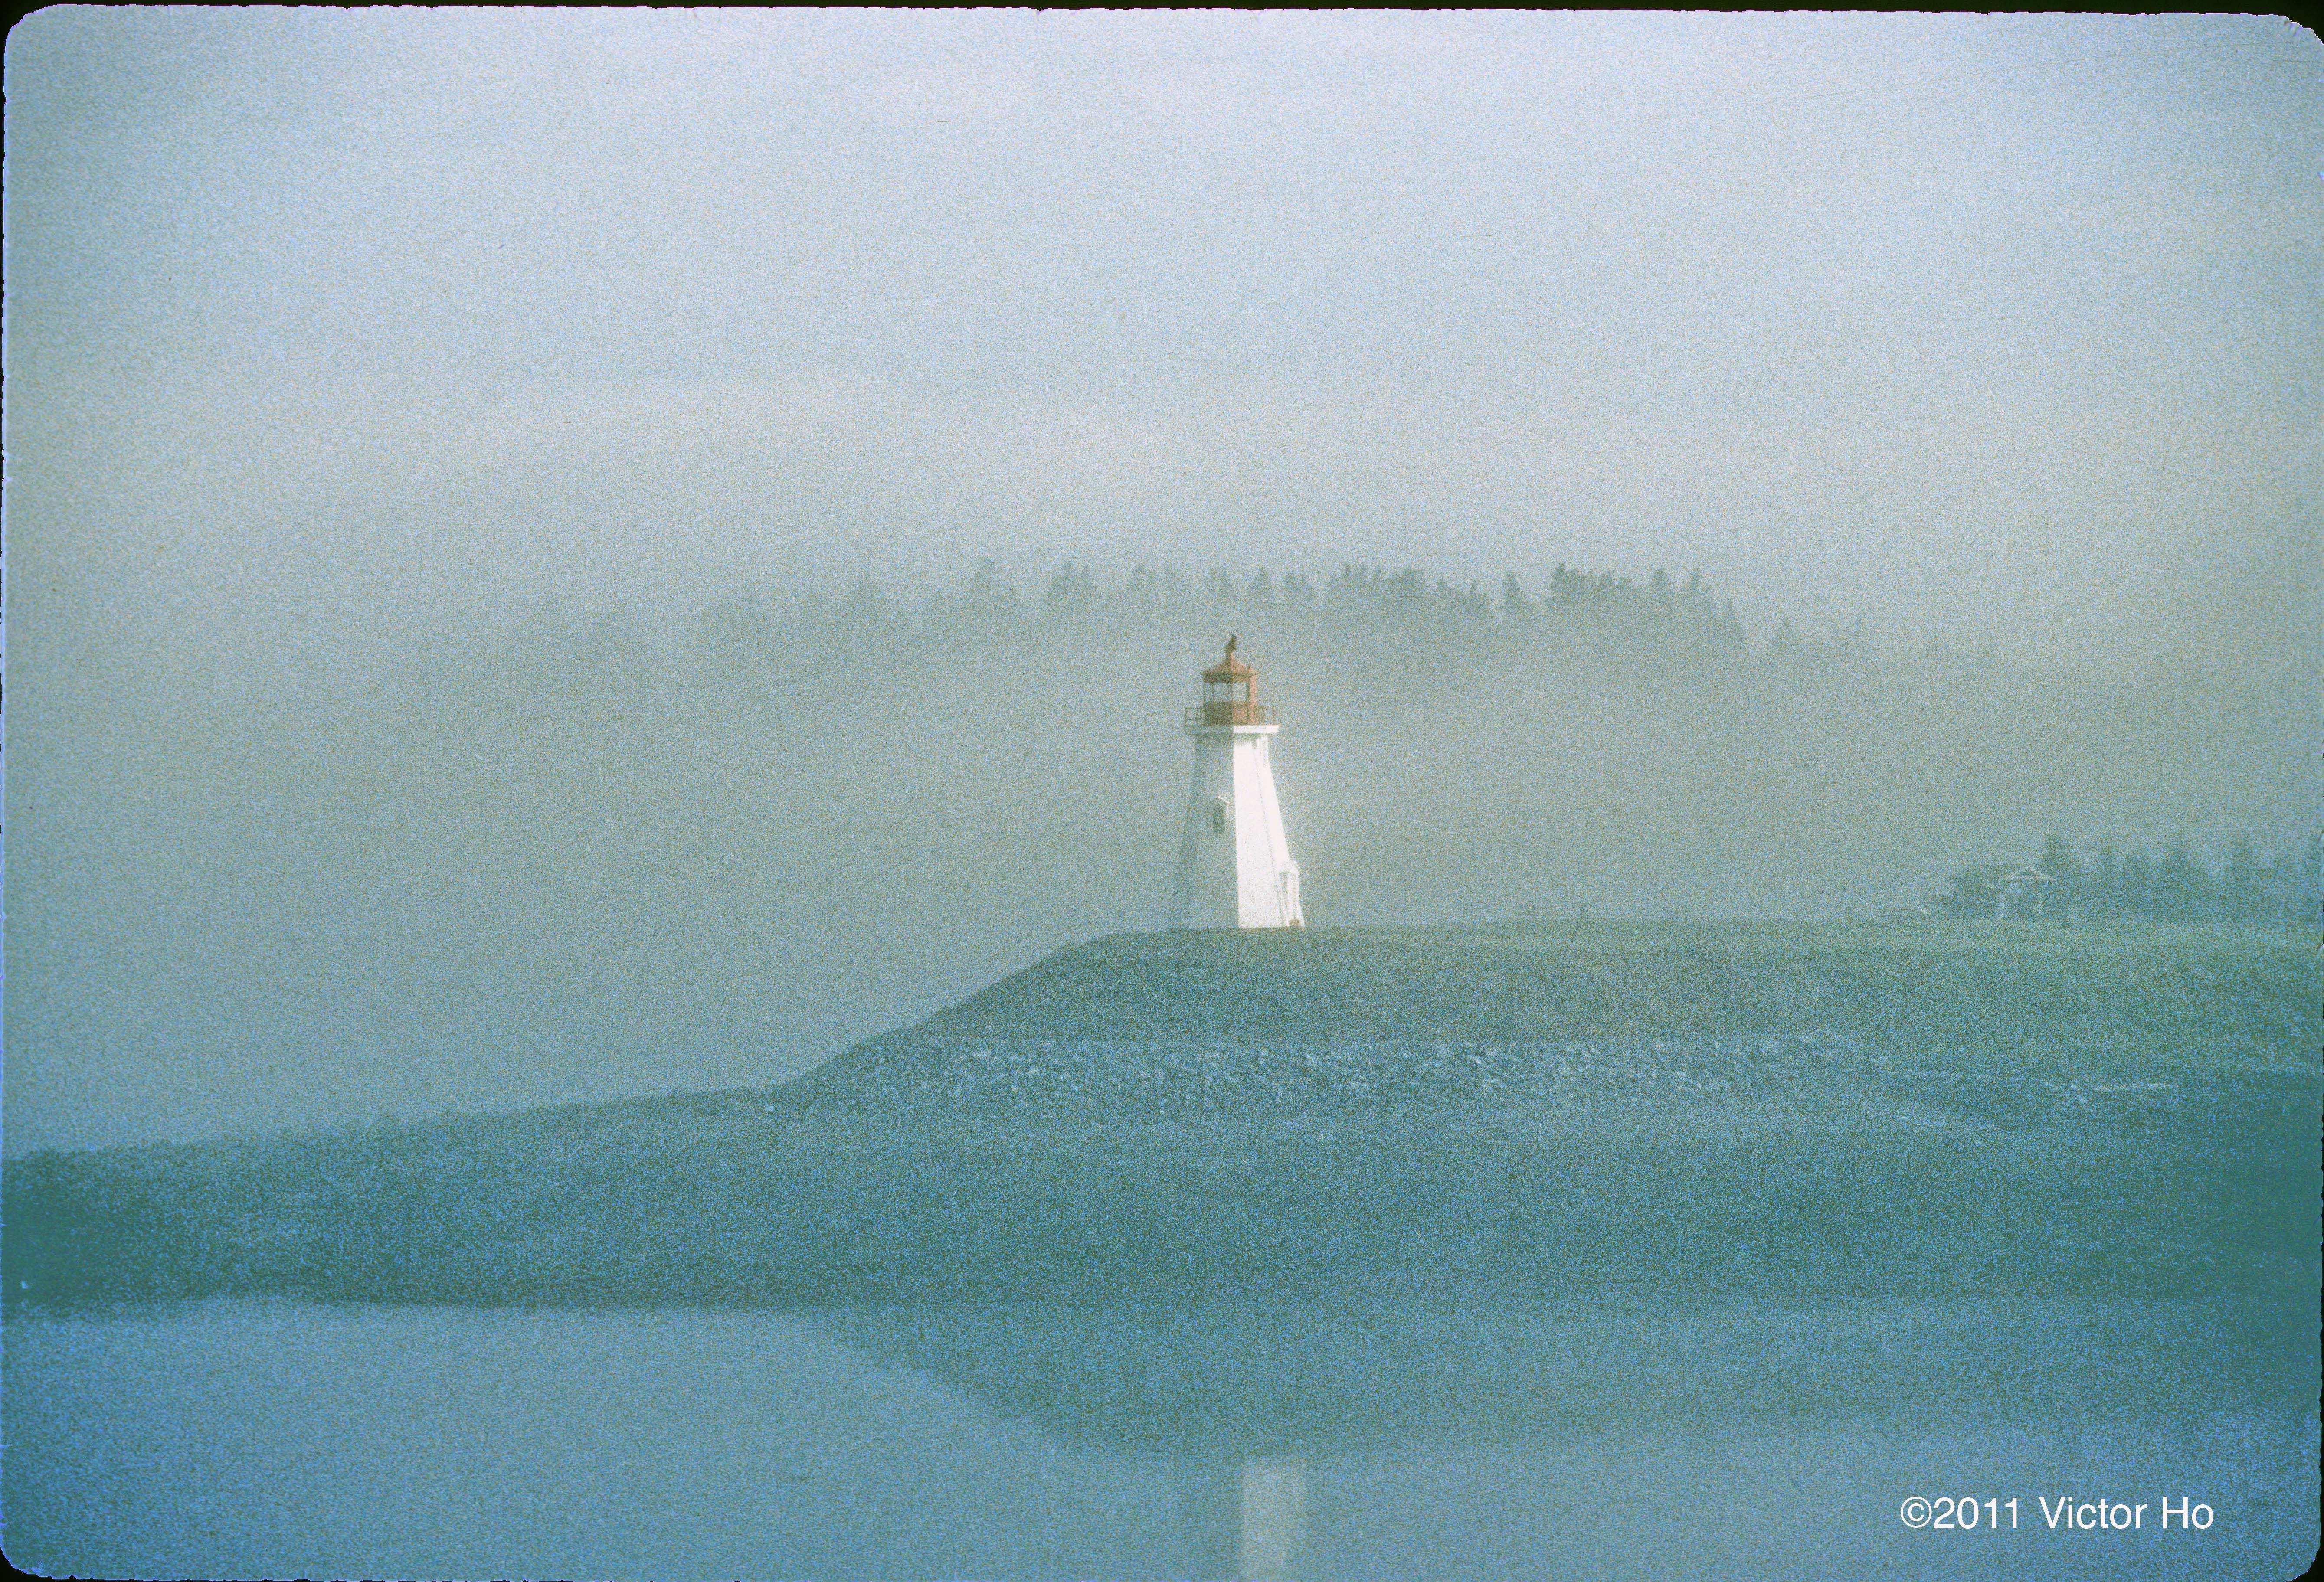 Lighthouse Fog | photobackstory